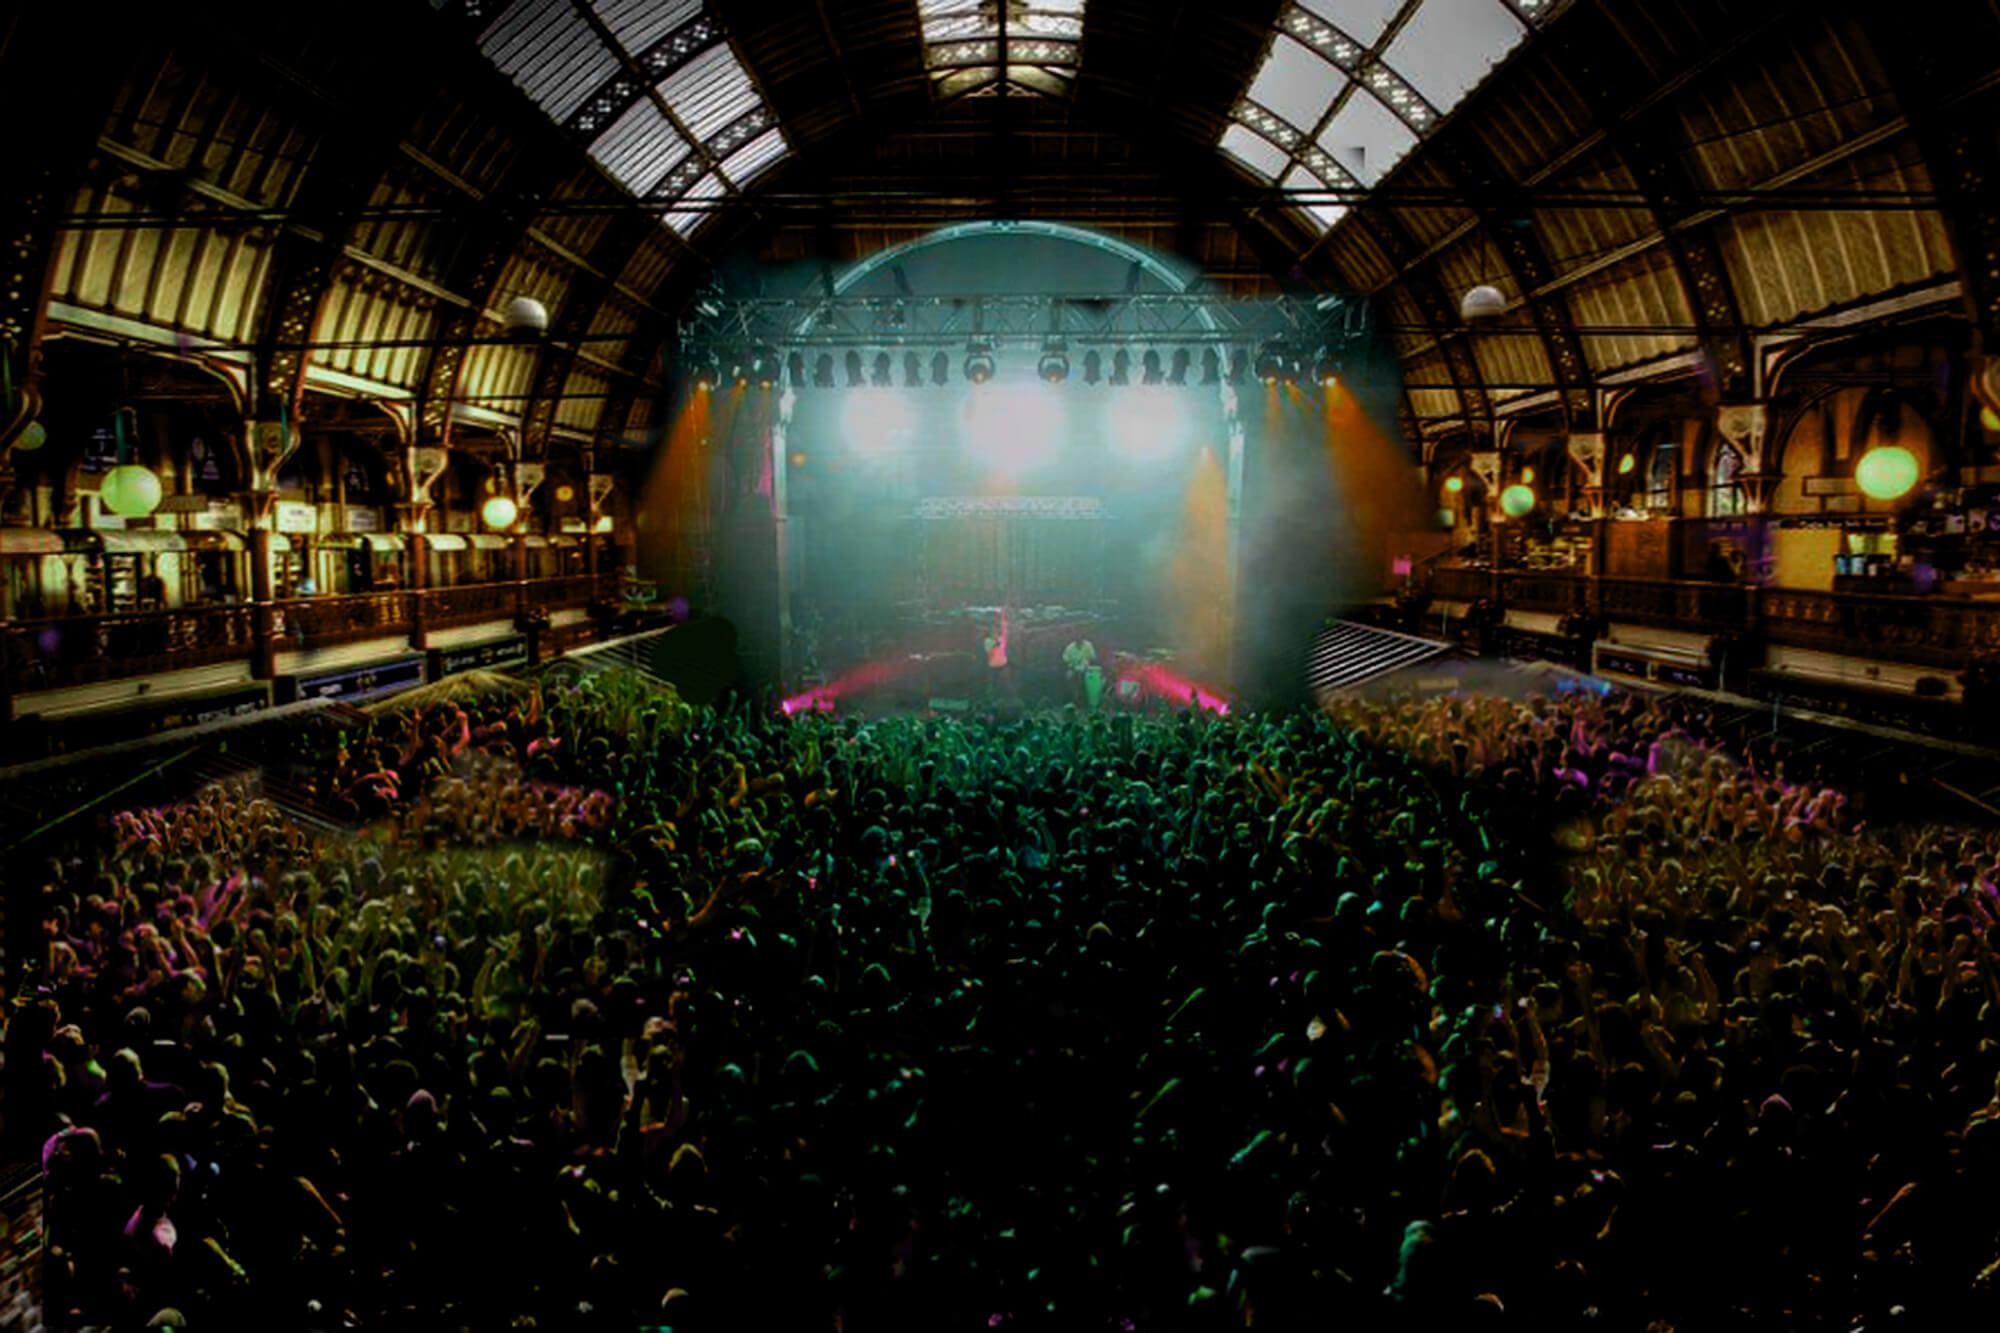 Adam Watkins's Market Hall concert venue